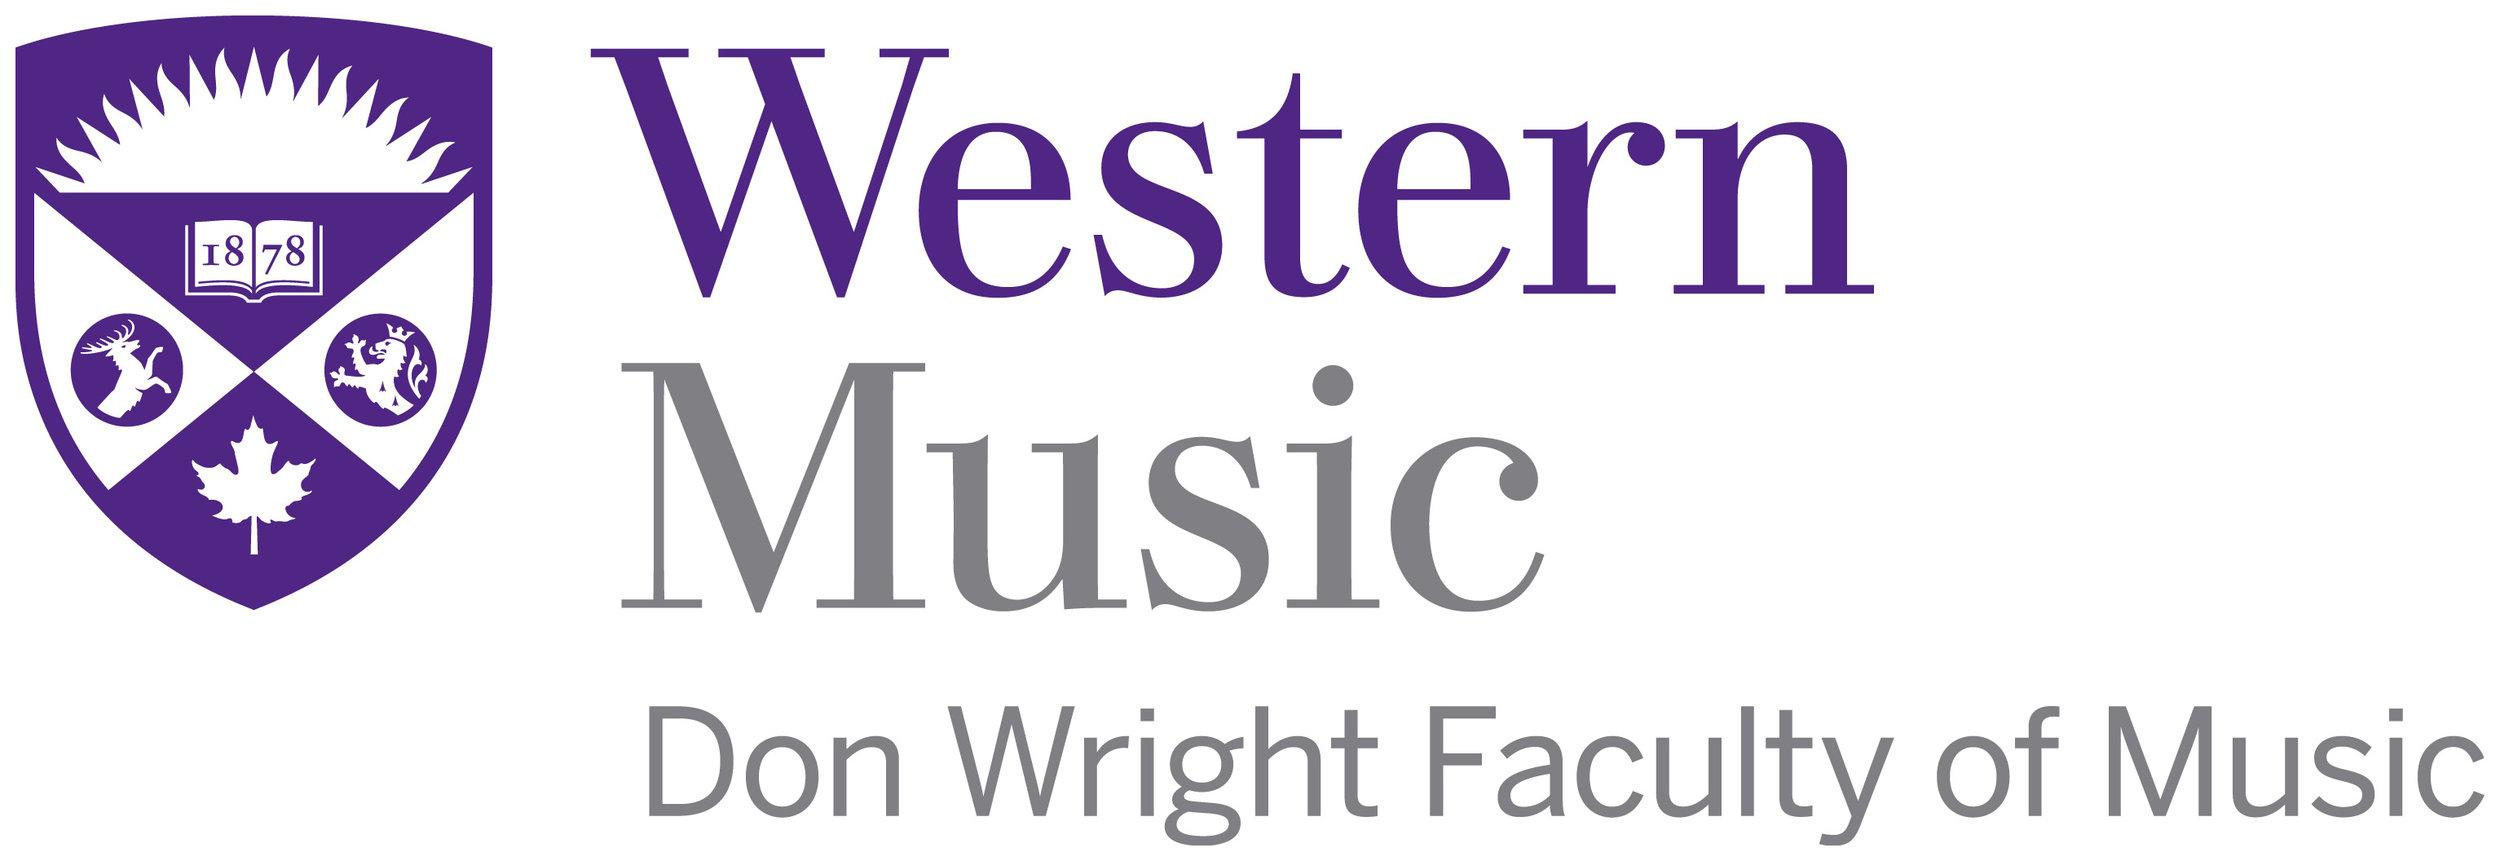 western_logo_f_s_music_rgb.jpg